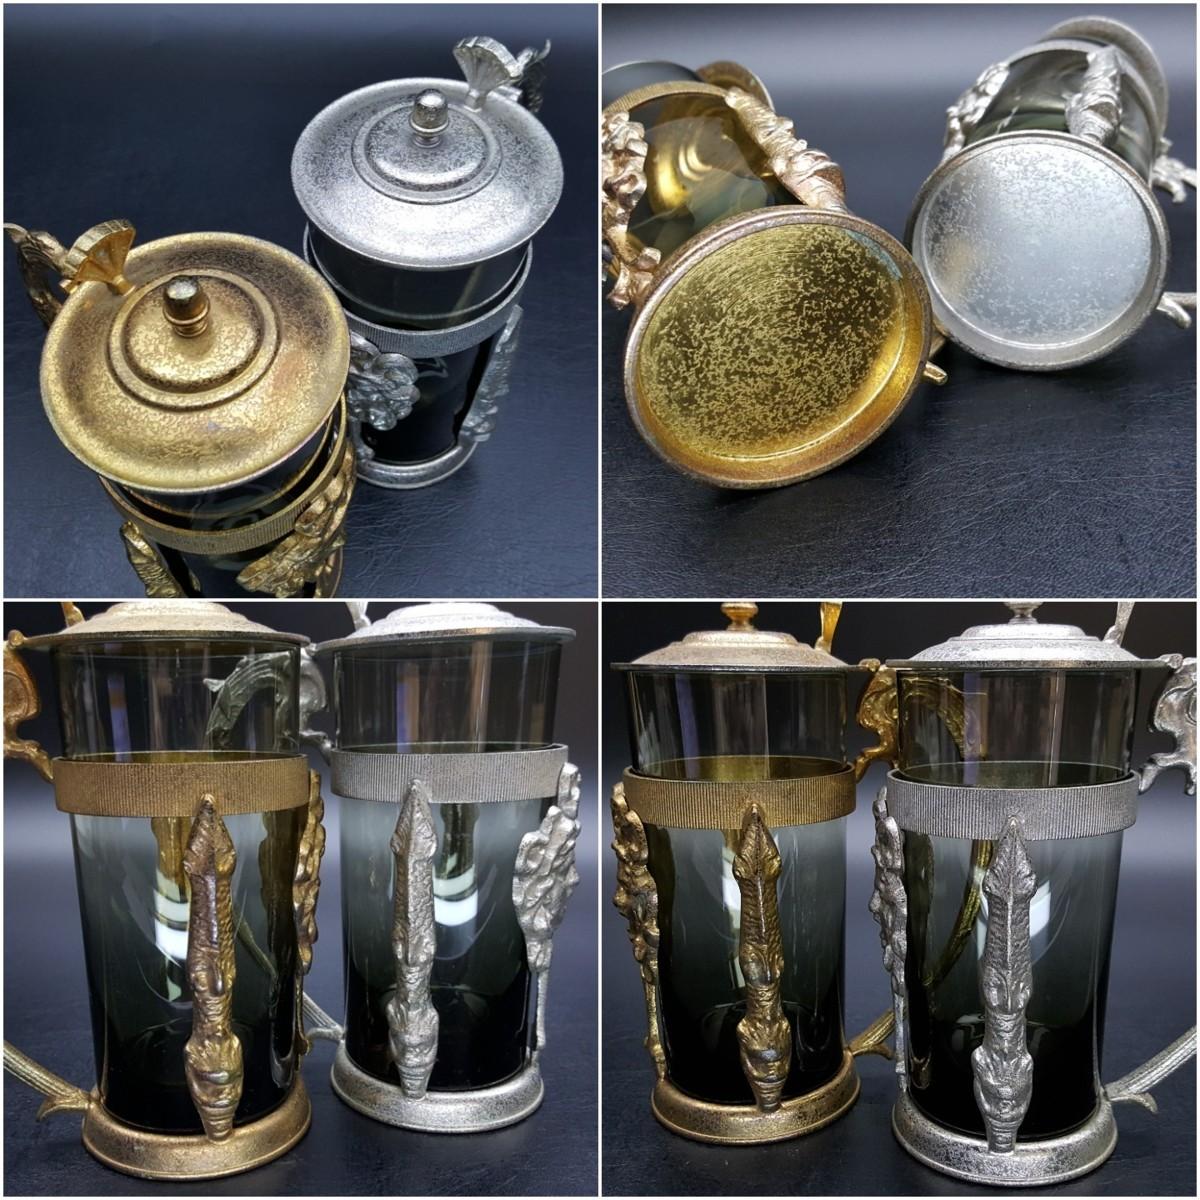 【宝蔵】アンティーク メデューサ メドゥーサ 金銀一対 蓋付グラス 一組 カップ コップ_画像9